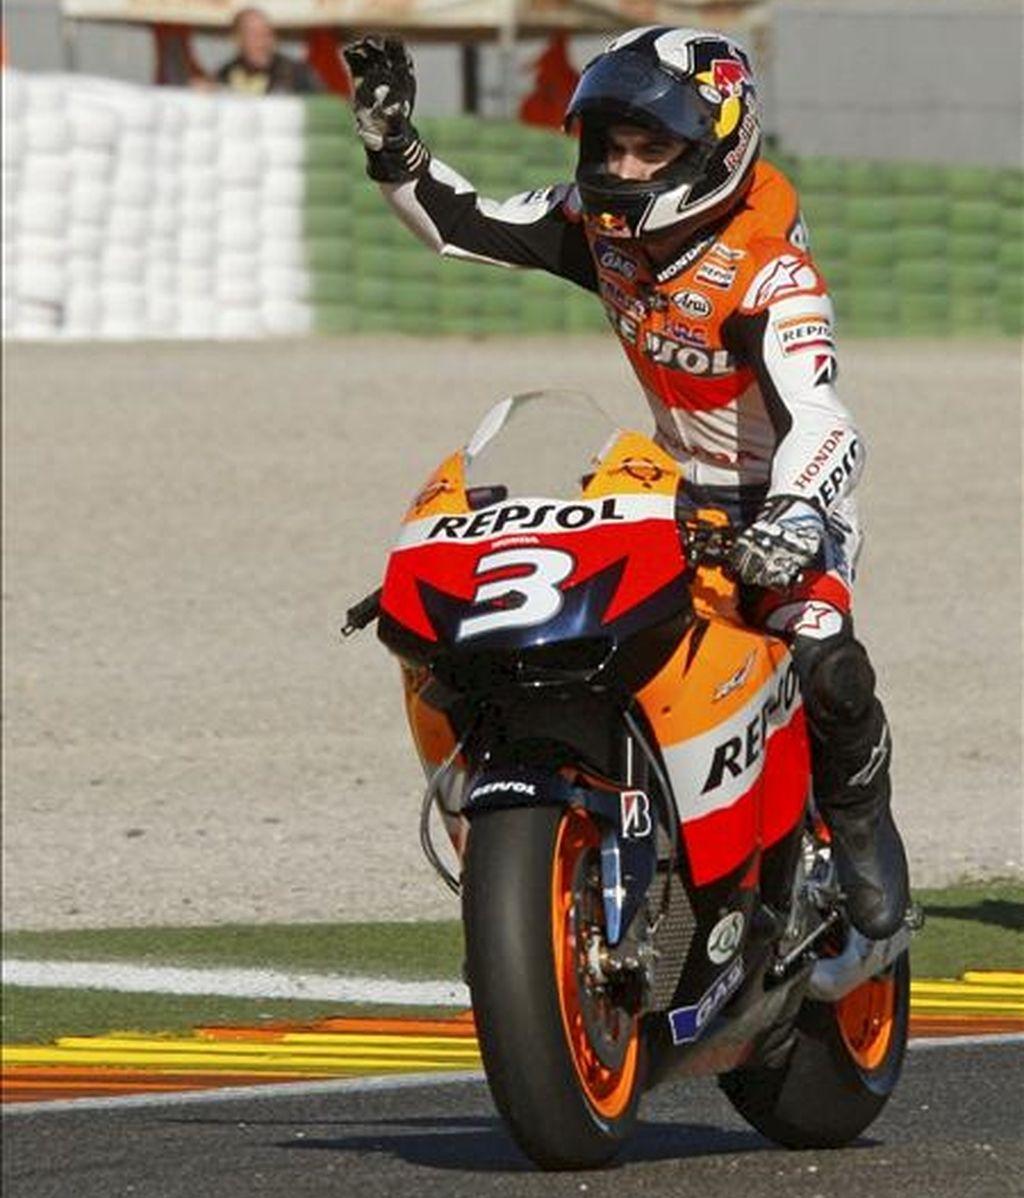 """El piloto español de Moto GP Daniel Pedrosa celebra su victoria en el Gran Premio de la Comunidad Valenciana, hoy en el circuito """"Ricardo Tormo"""" de Cheste. EFE"""